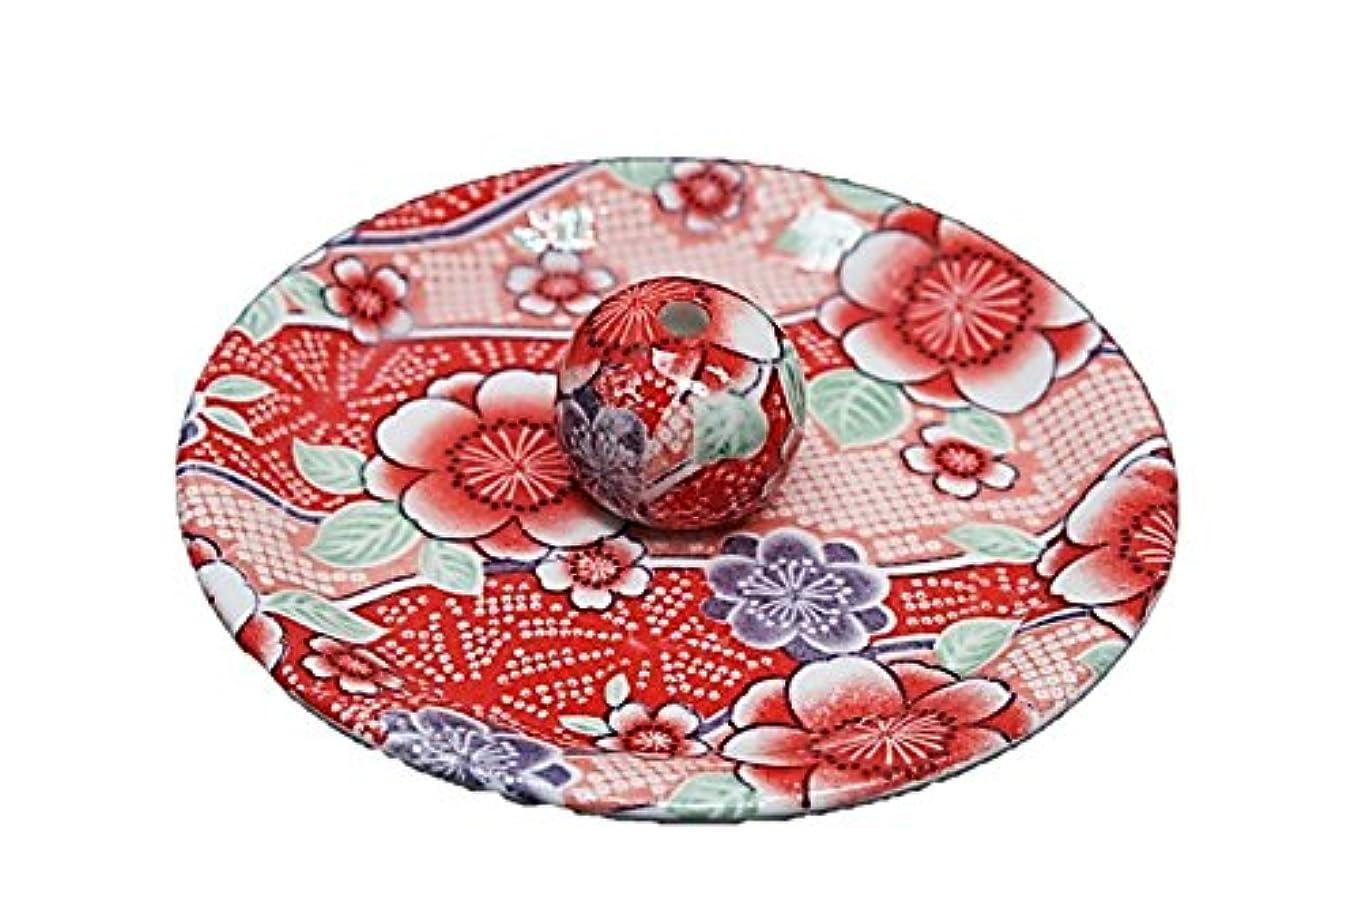 自体マンハッタン肺炎9-15 紅染 9cm香皿 お香立て お香たて 陶器 日本製 製造?直売品